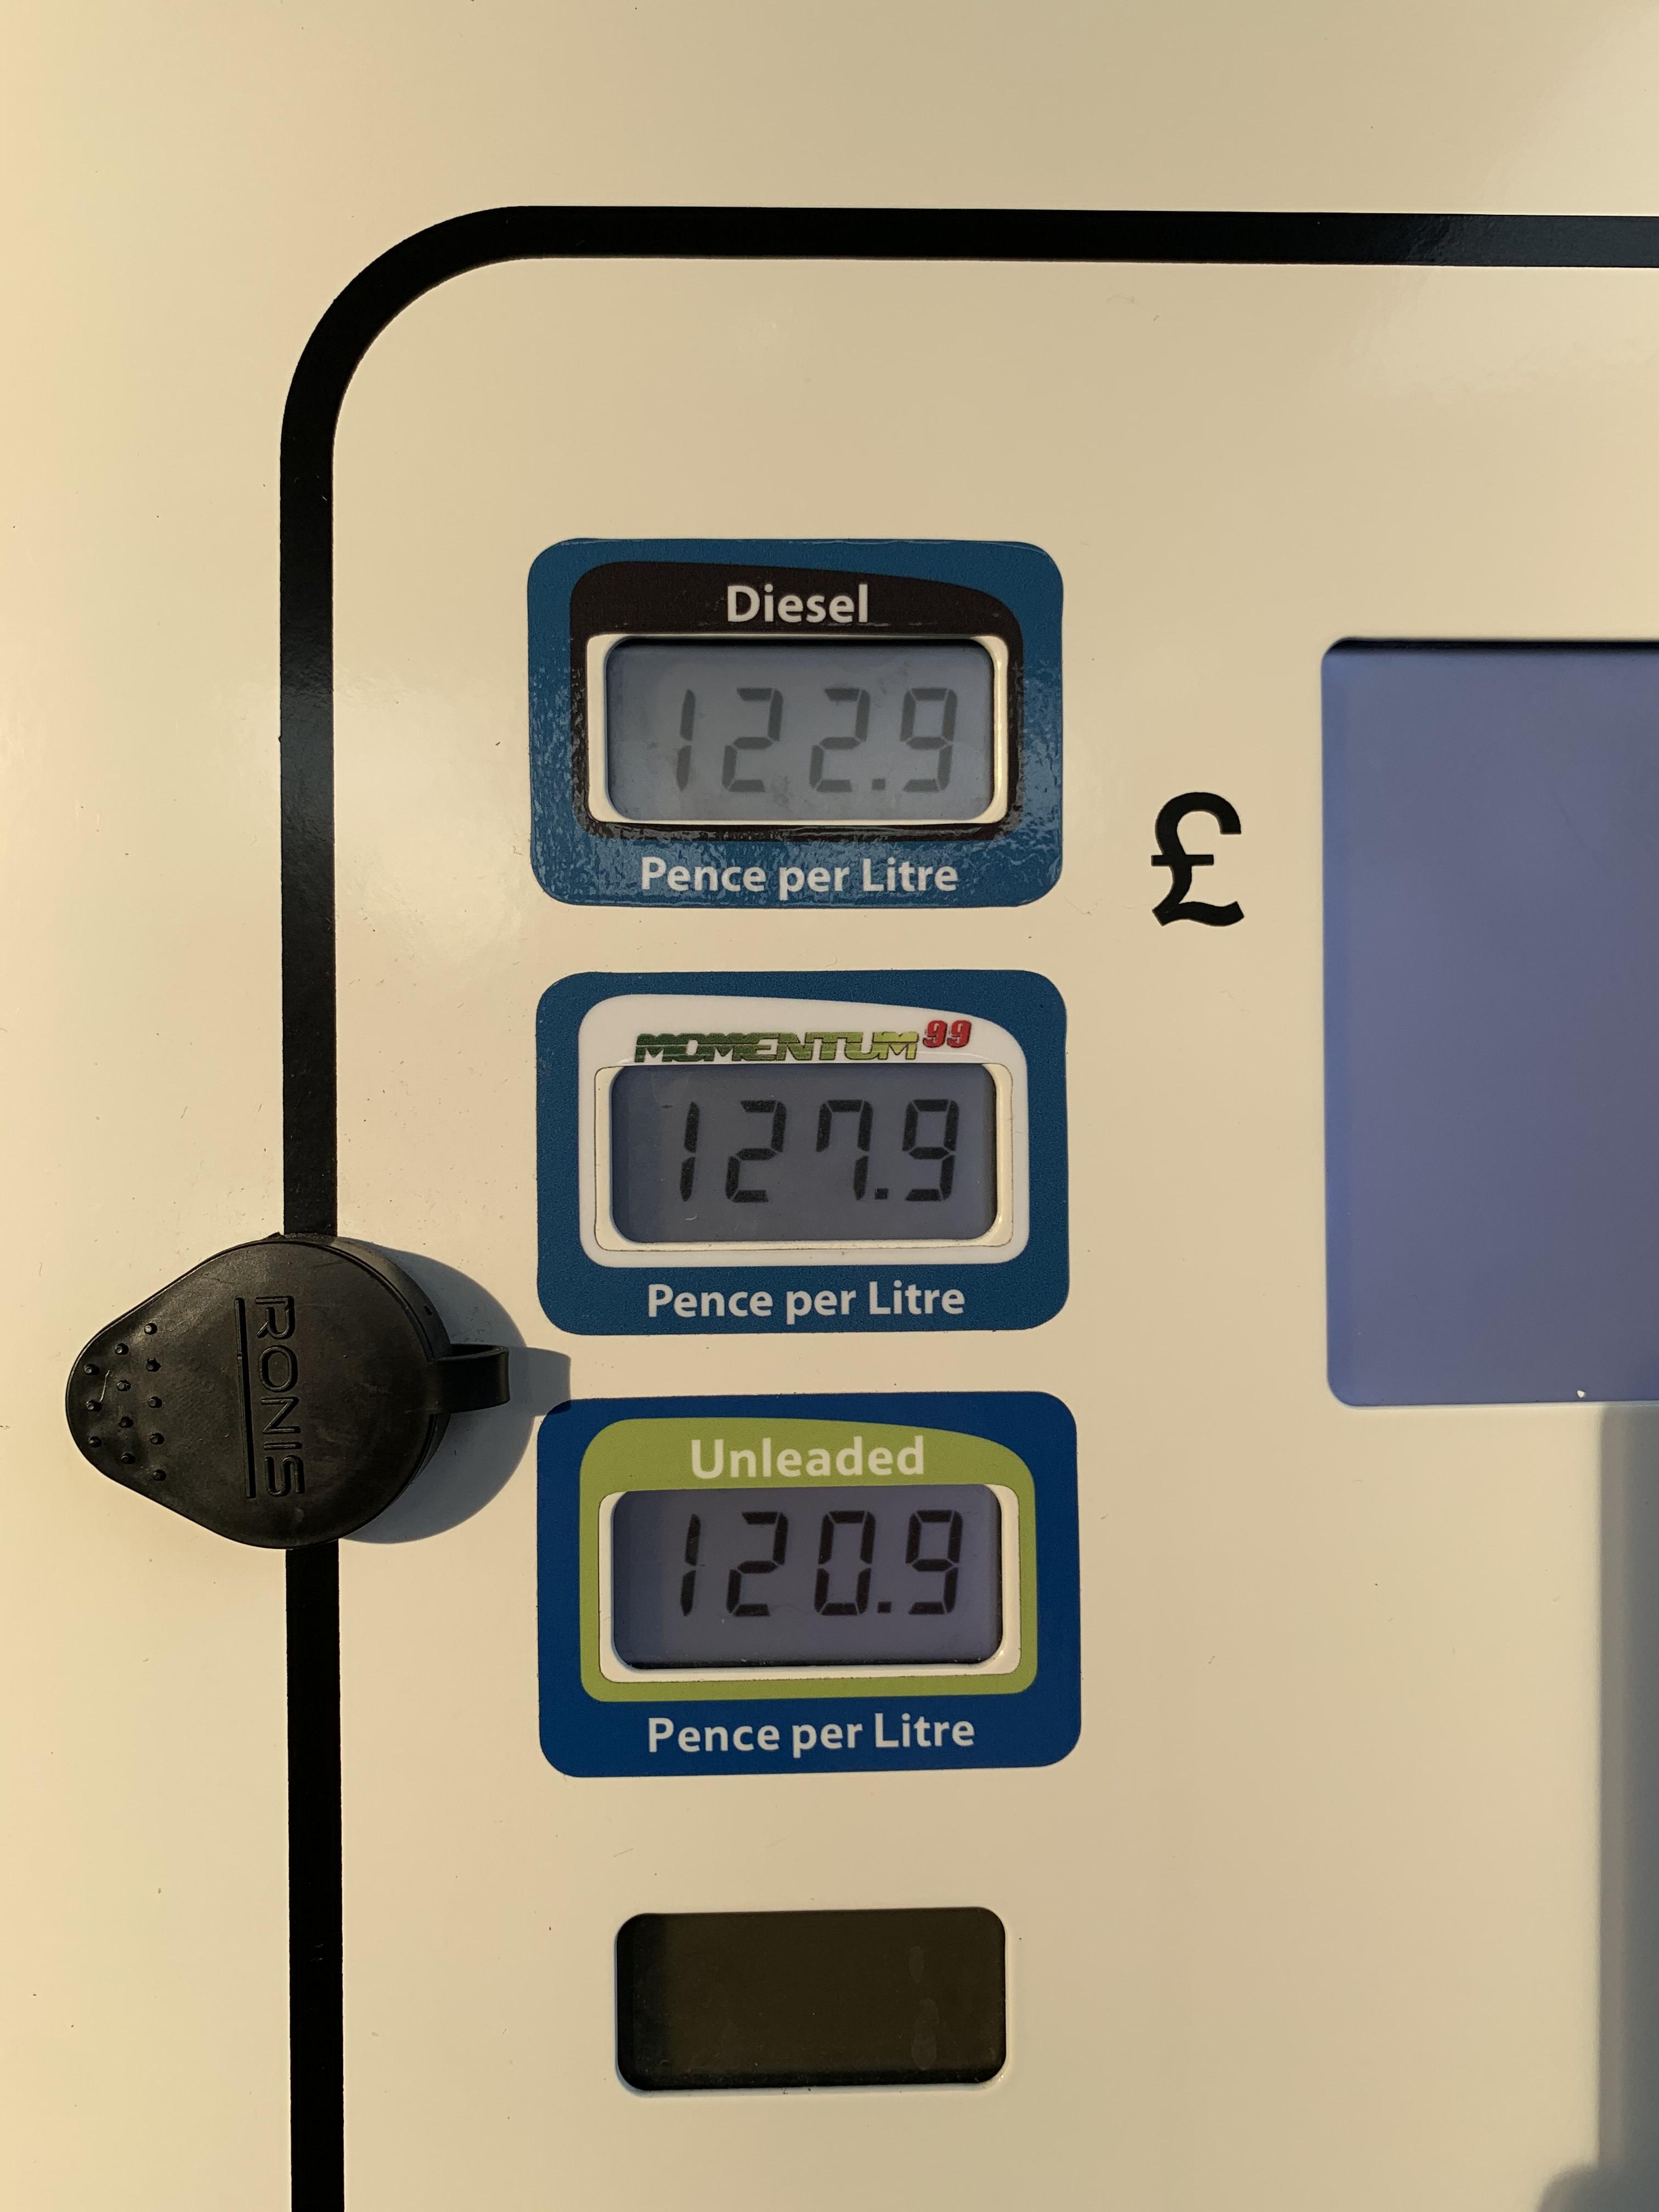 FUEL - Tesco Slough - Unleaded £1.209 / Diesel £1.229